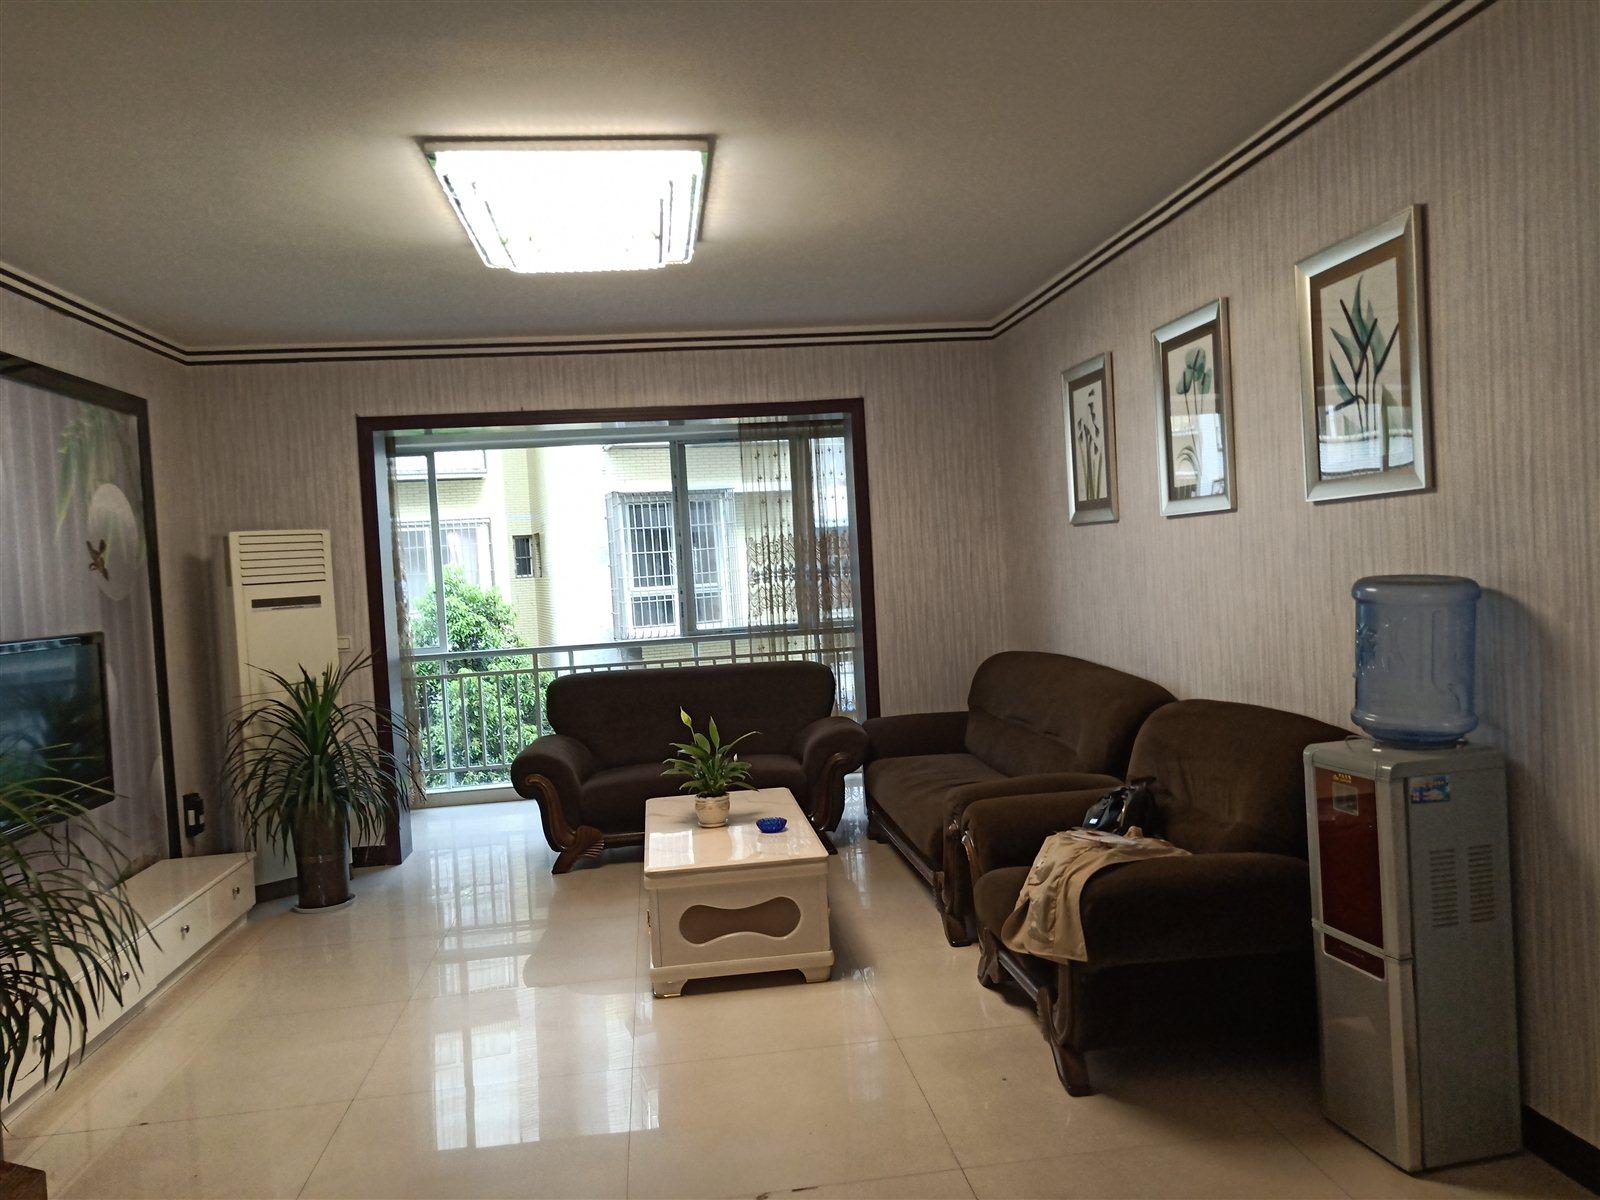 新天梯枫香庭4楼3室 2厅 2卫66.8万元